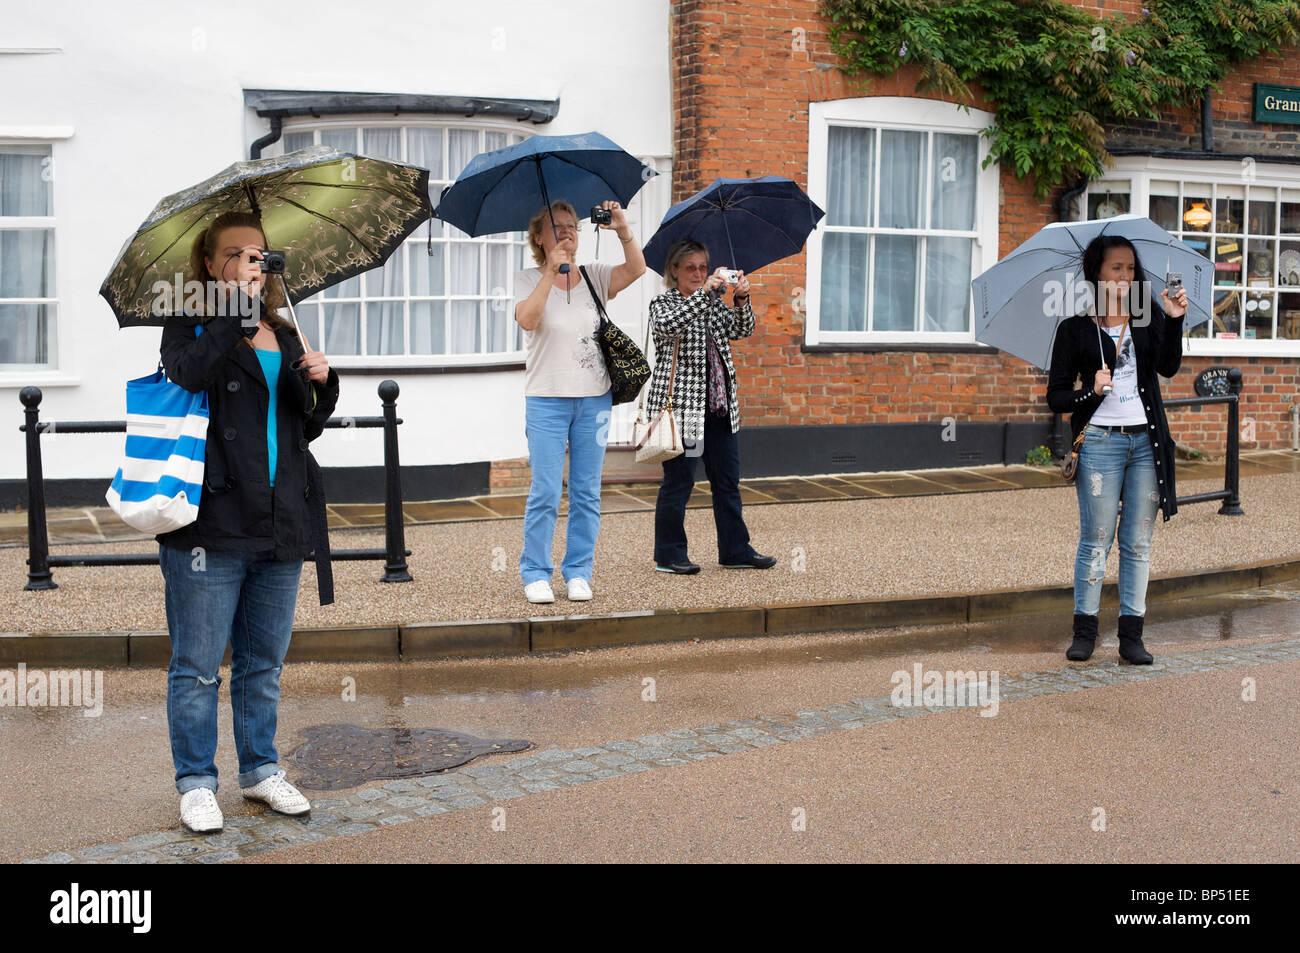 Russian tourists, Lavenham, Suffolk, UK. - Stock Image